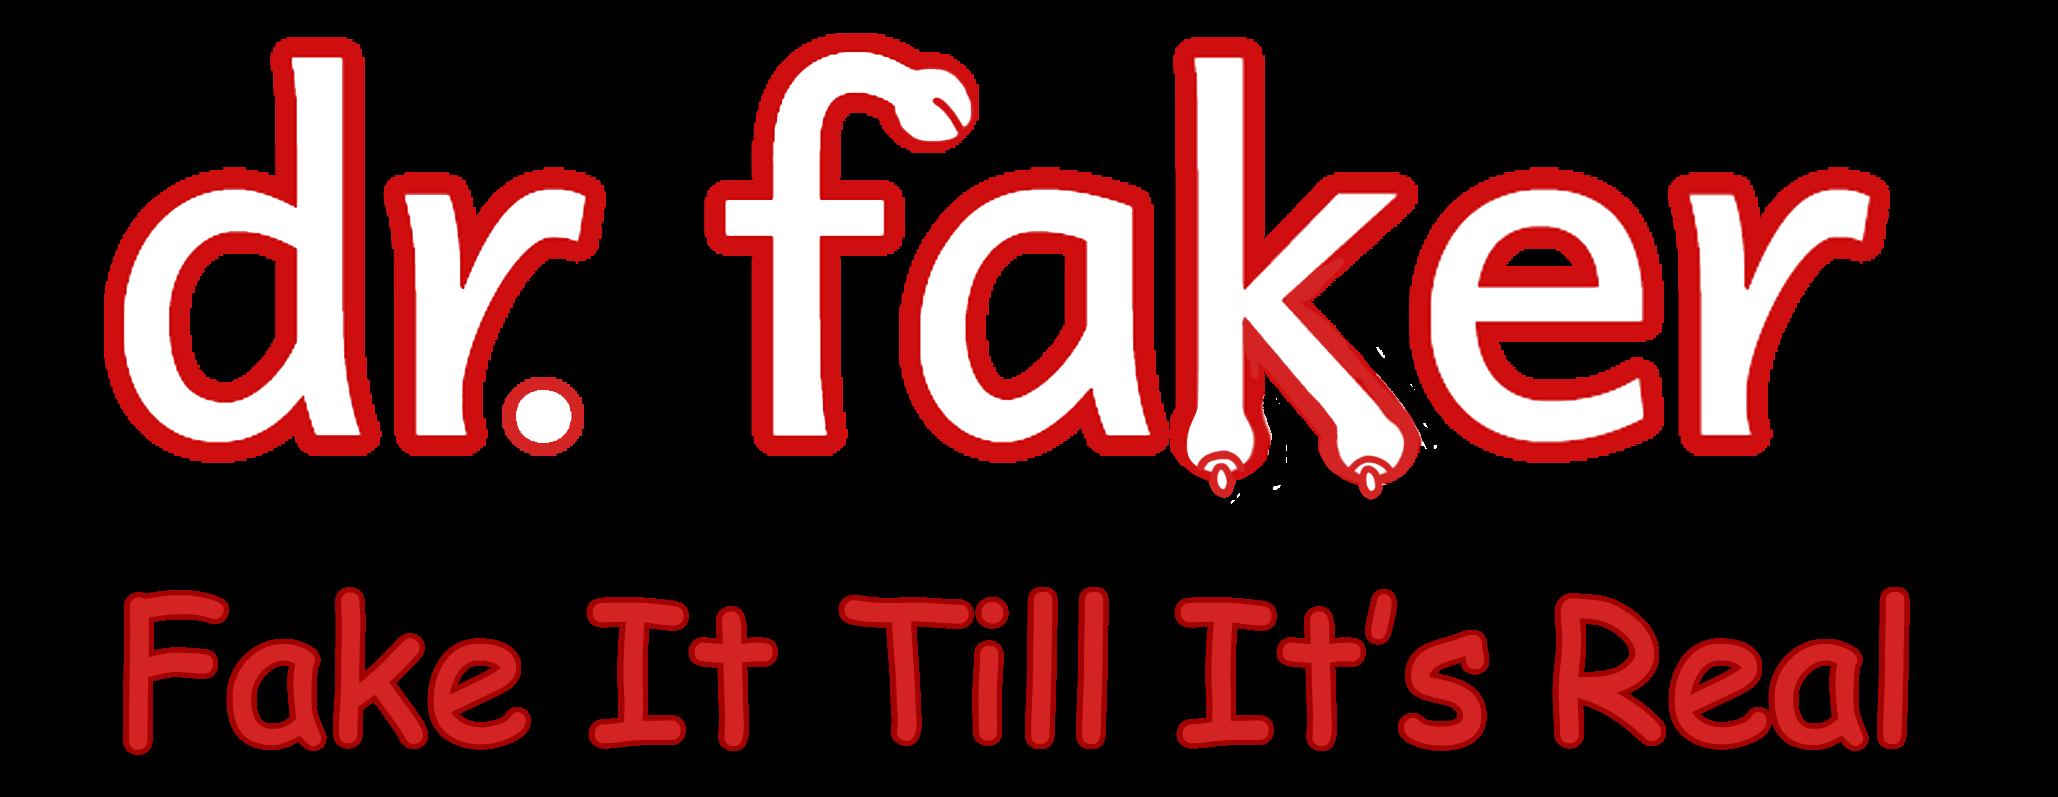 Dr Faker